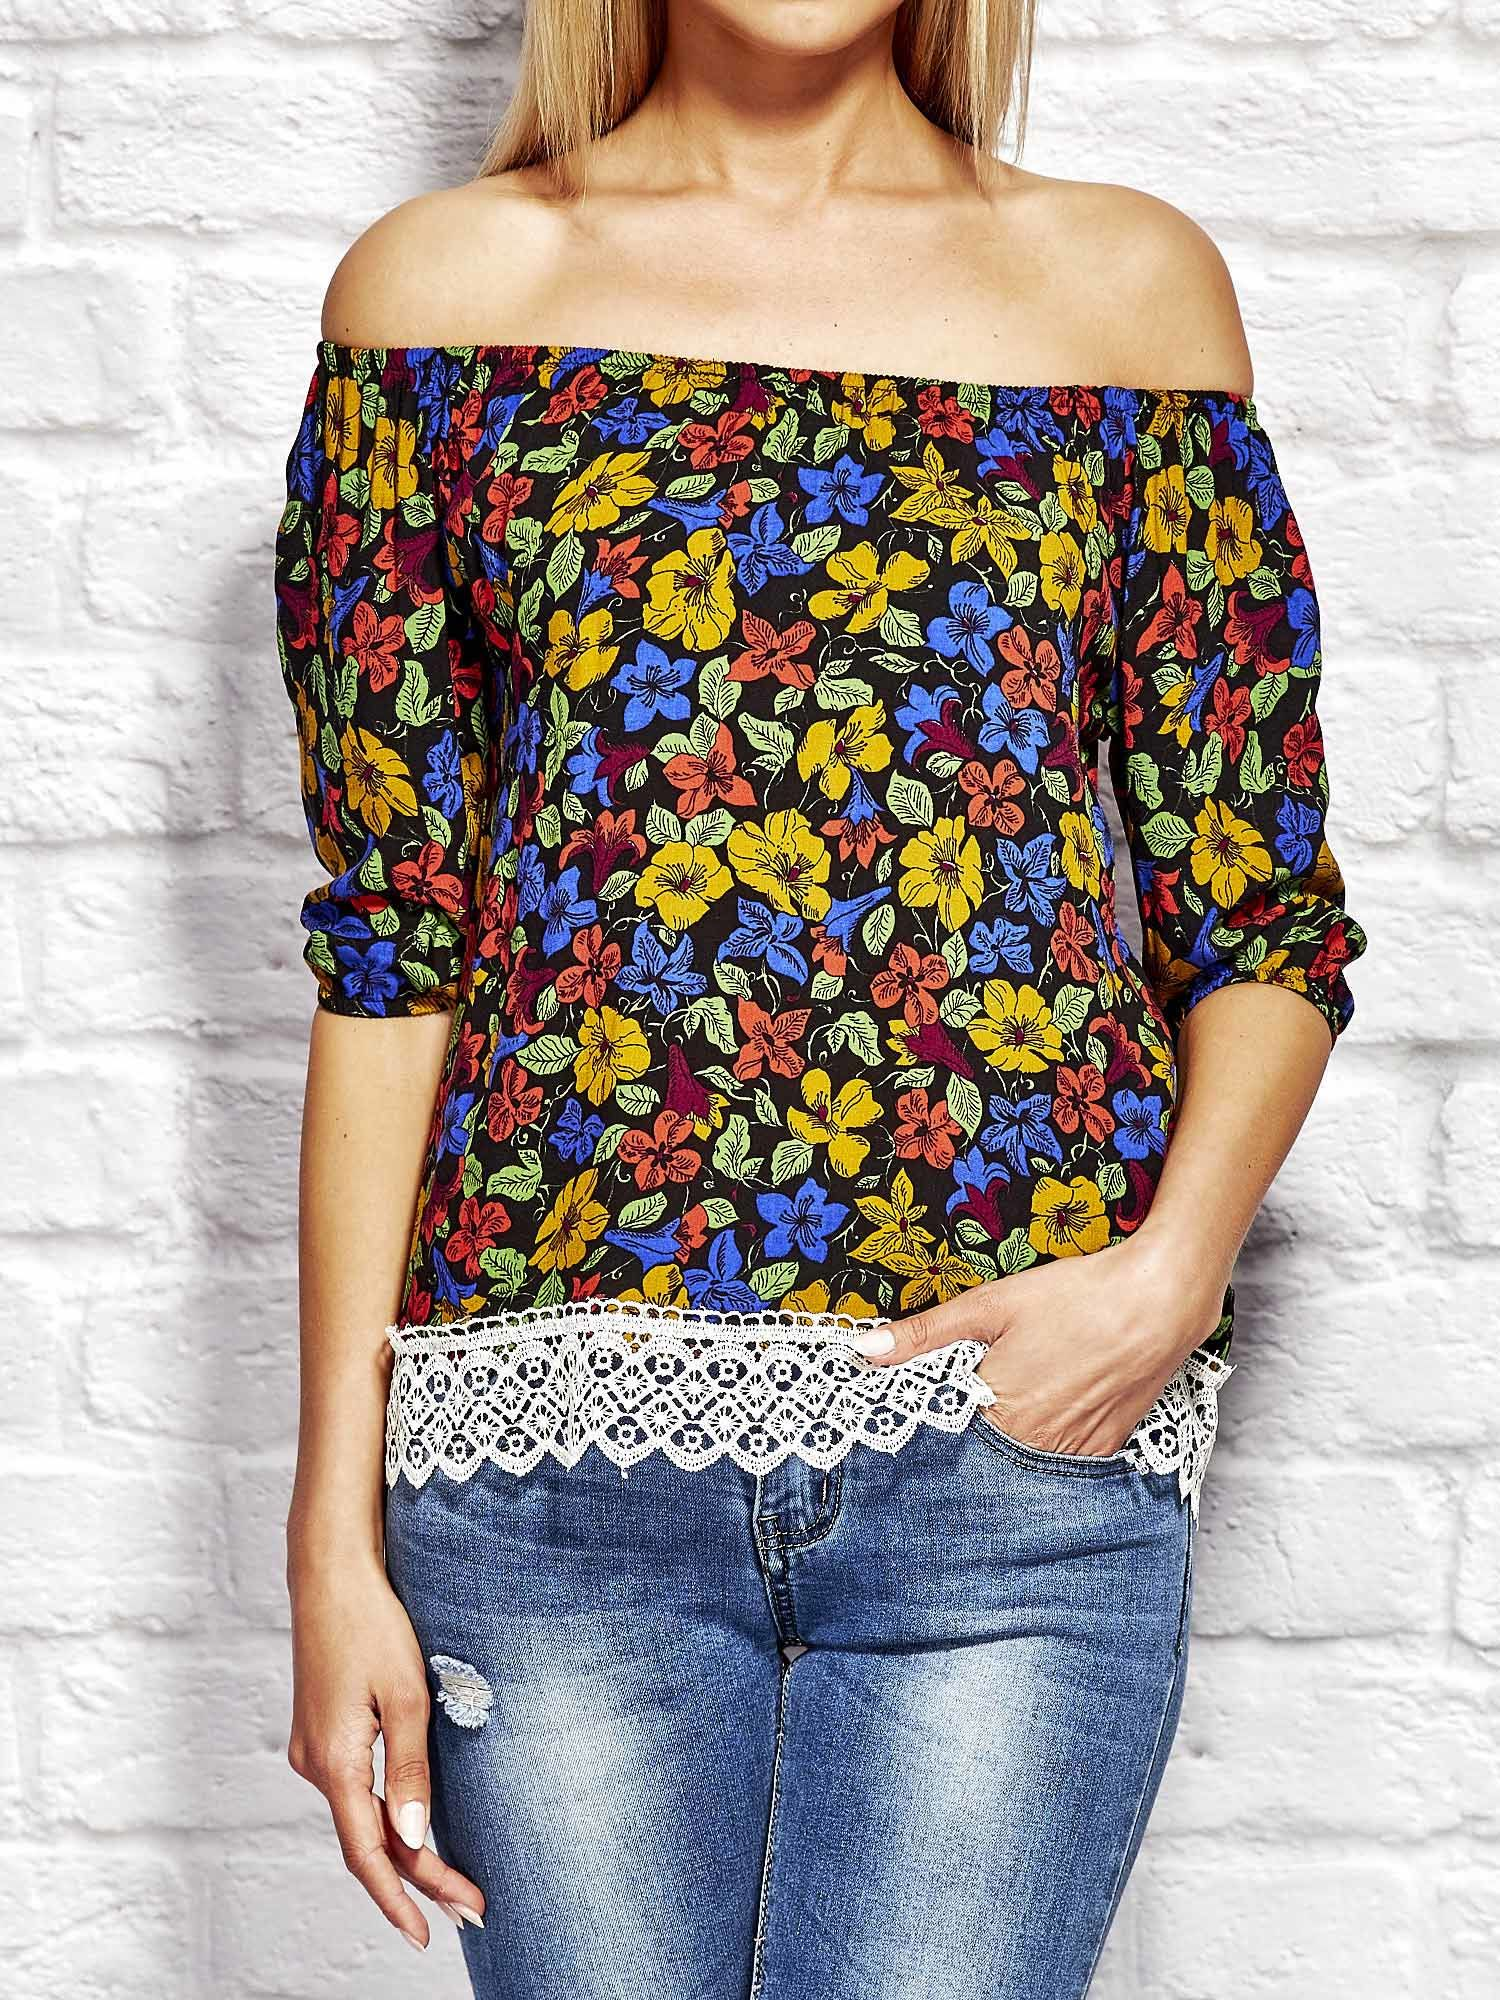 c5f2d3dfa655 Niebieska bluzka w kolorowe kwiaty - Bluzka wizytowa - sklep eButik.pl